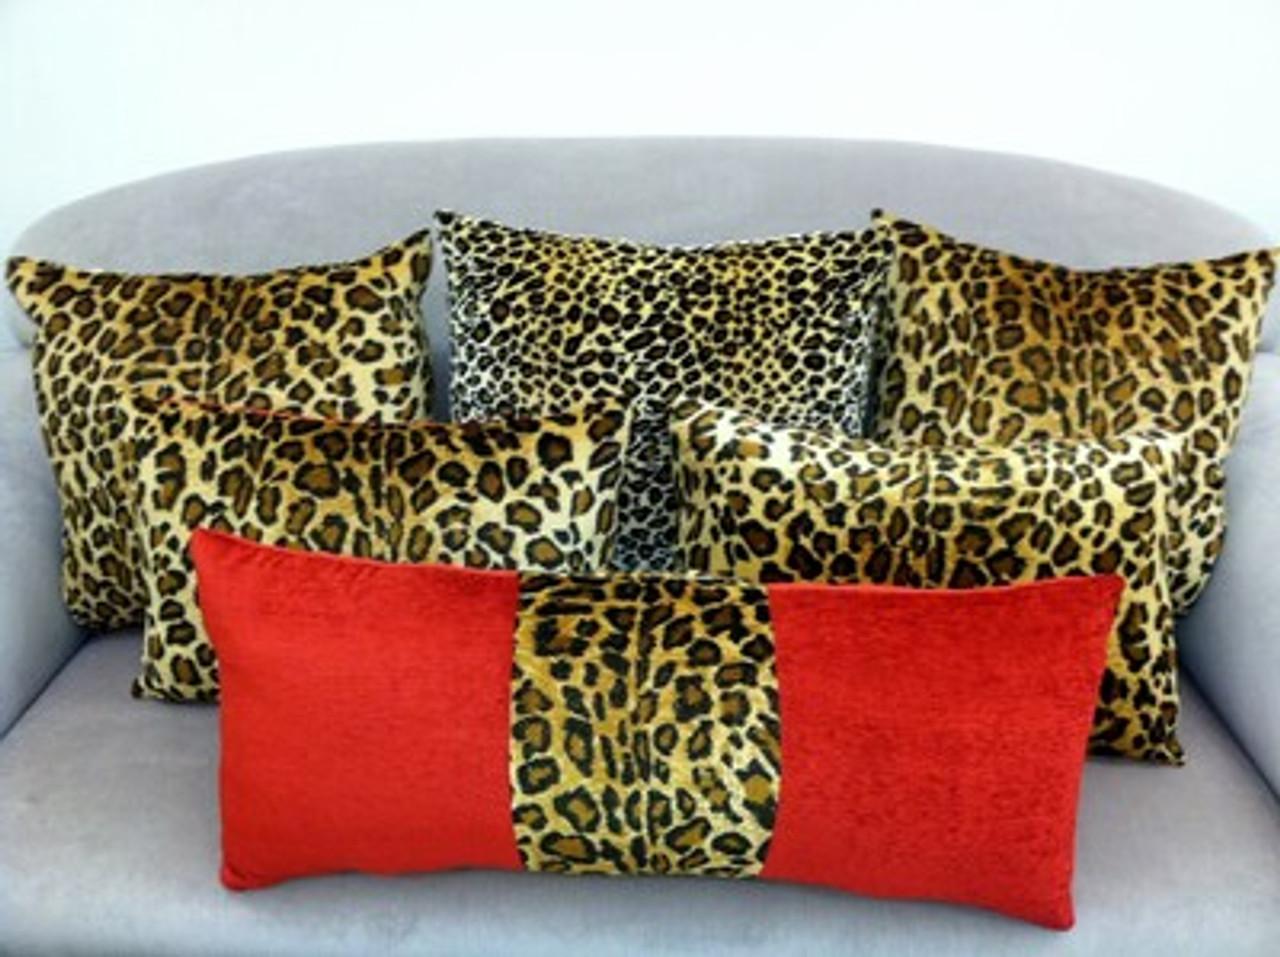 Animal Print Throw Pillow Covers Leopard Red Velvet Set Of 6 Thundersley Interiors